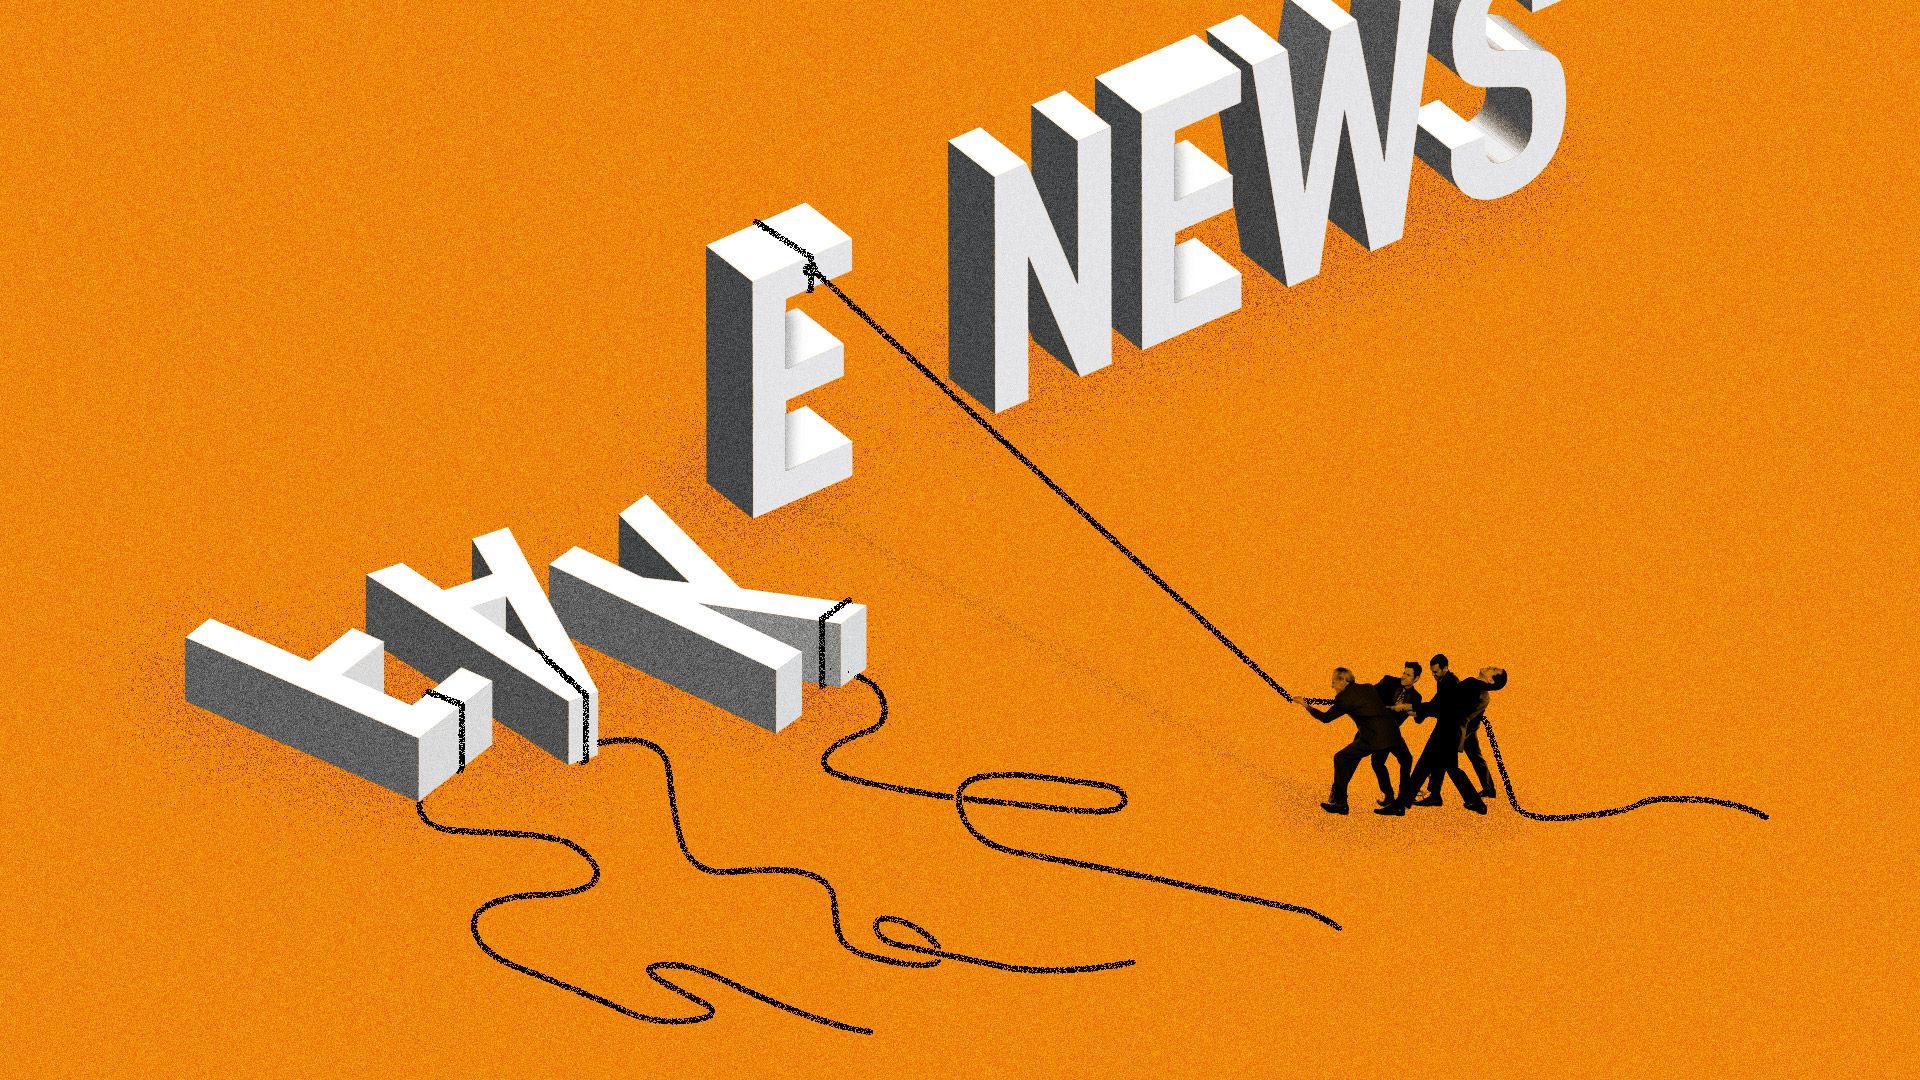 သတင်းမှား နဲ့ တကိုယ်ရေ အာသာပြေမှု